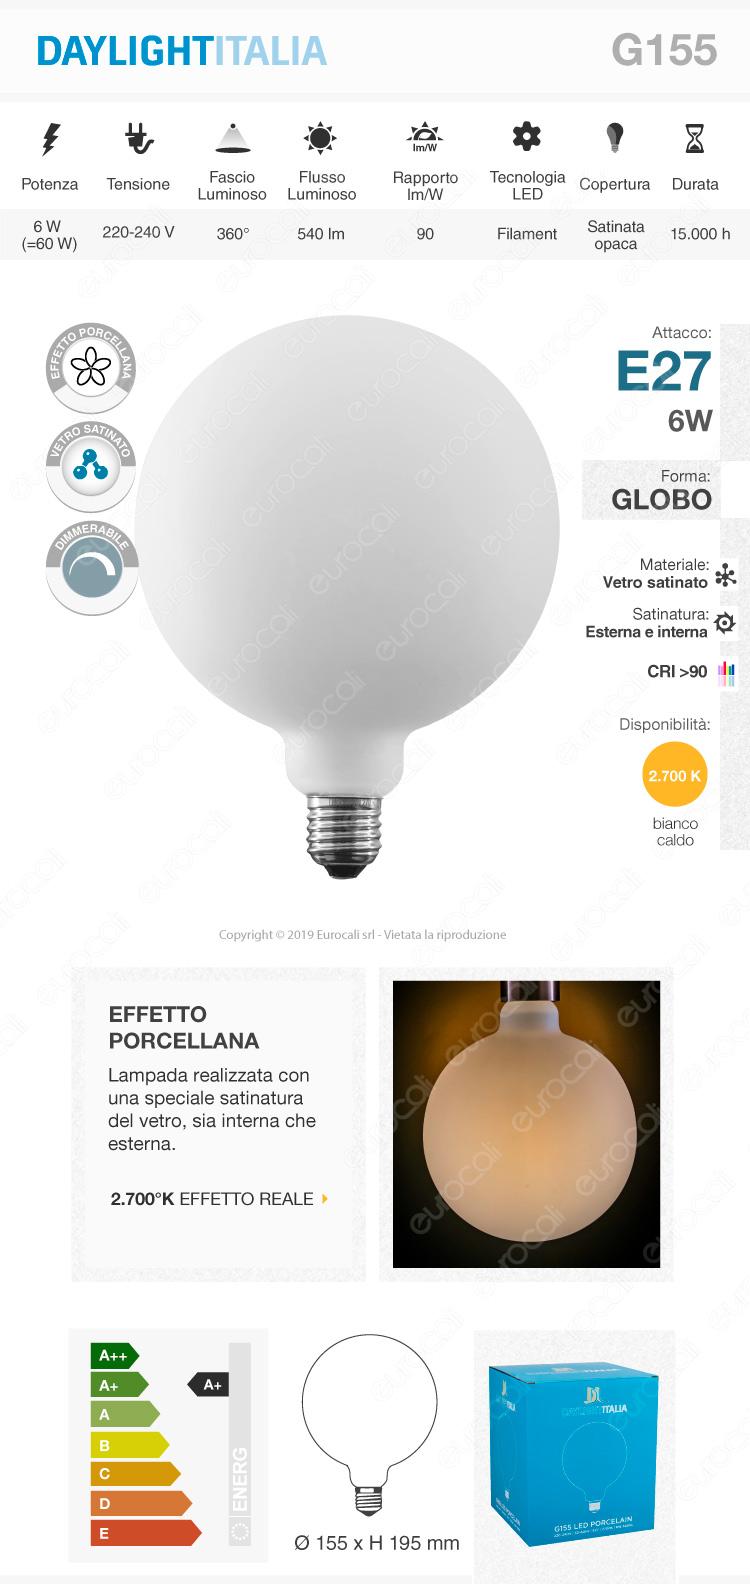 Daylight Lampadina E27 Filamento LED 6W Globo G155 Effetto Porcellana Dimmerabile CRI≥90